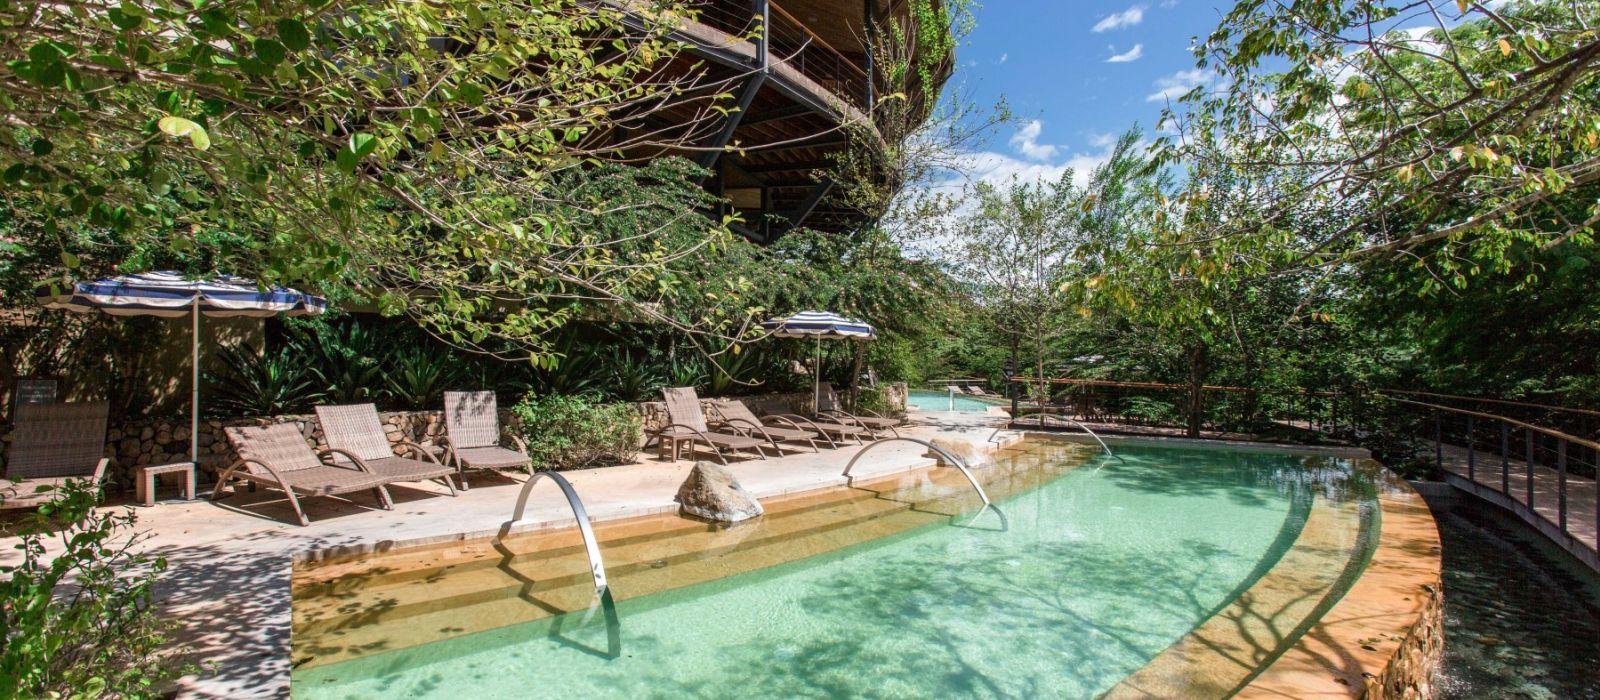 Hotel Rio Perdido Costa Rica